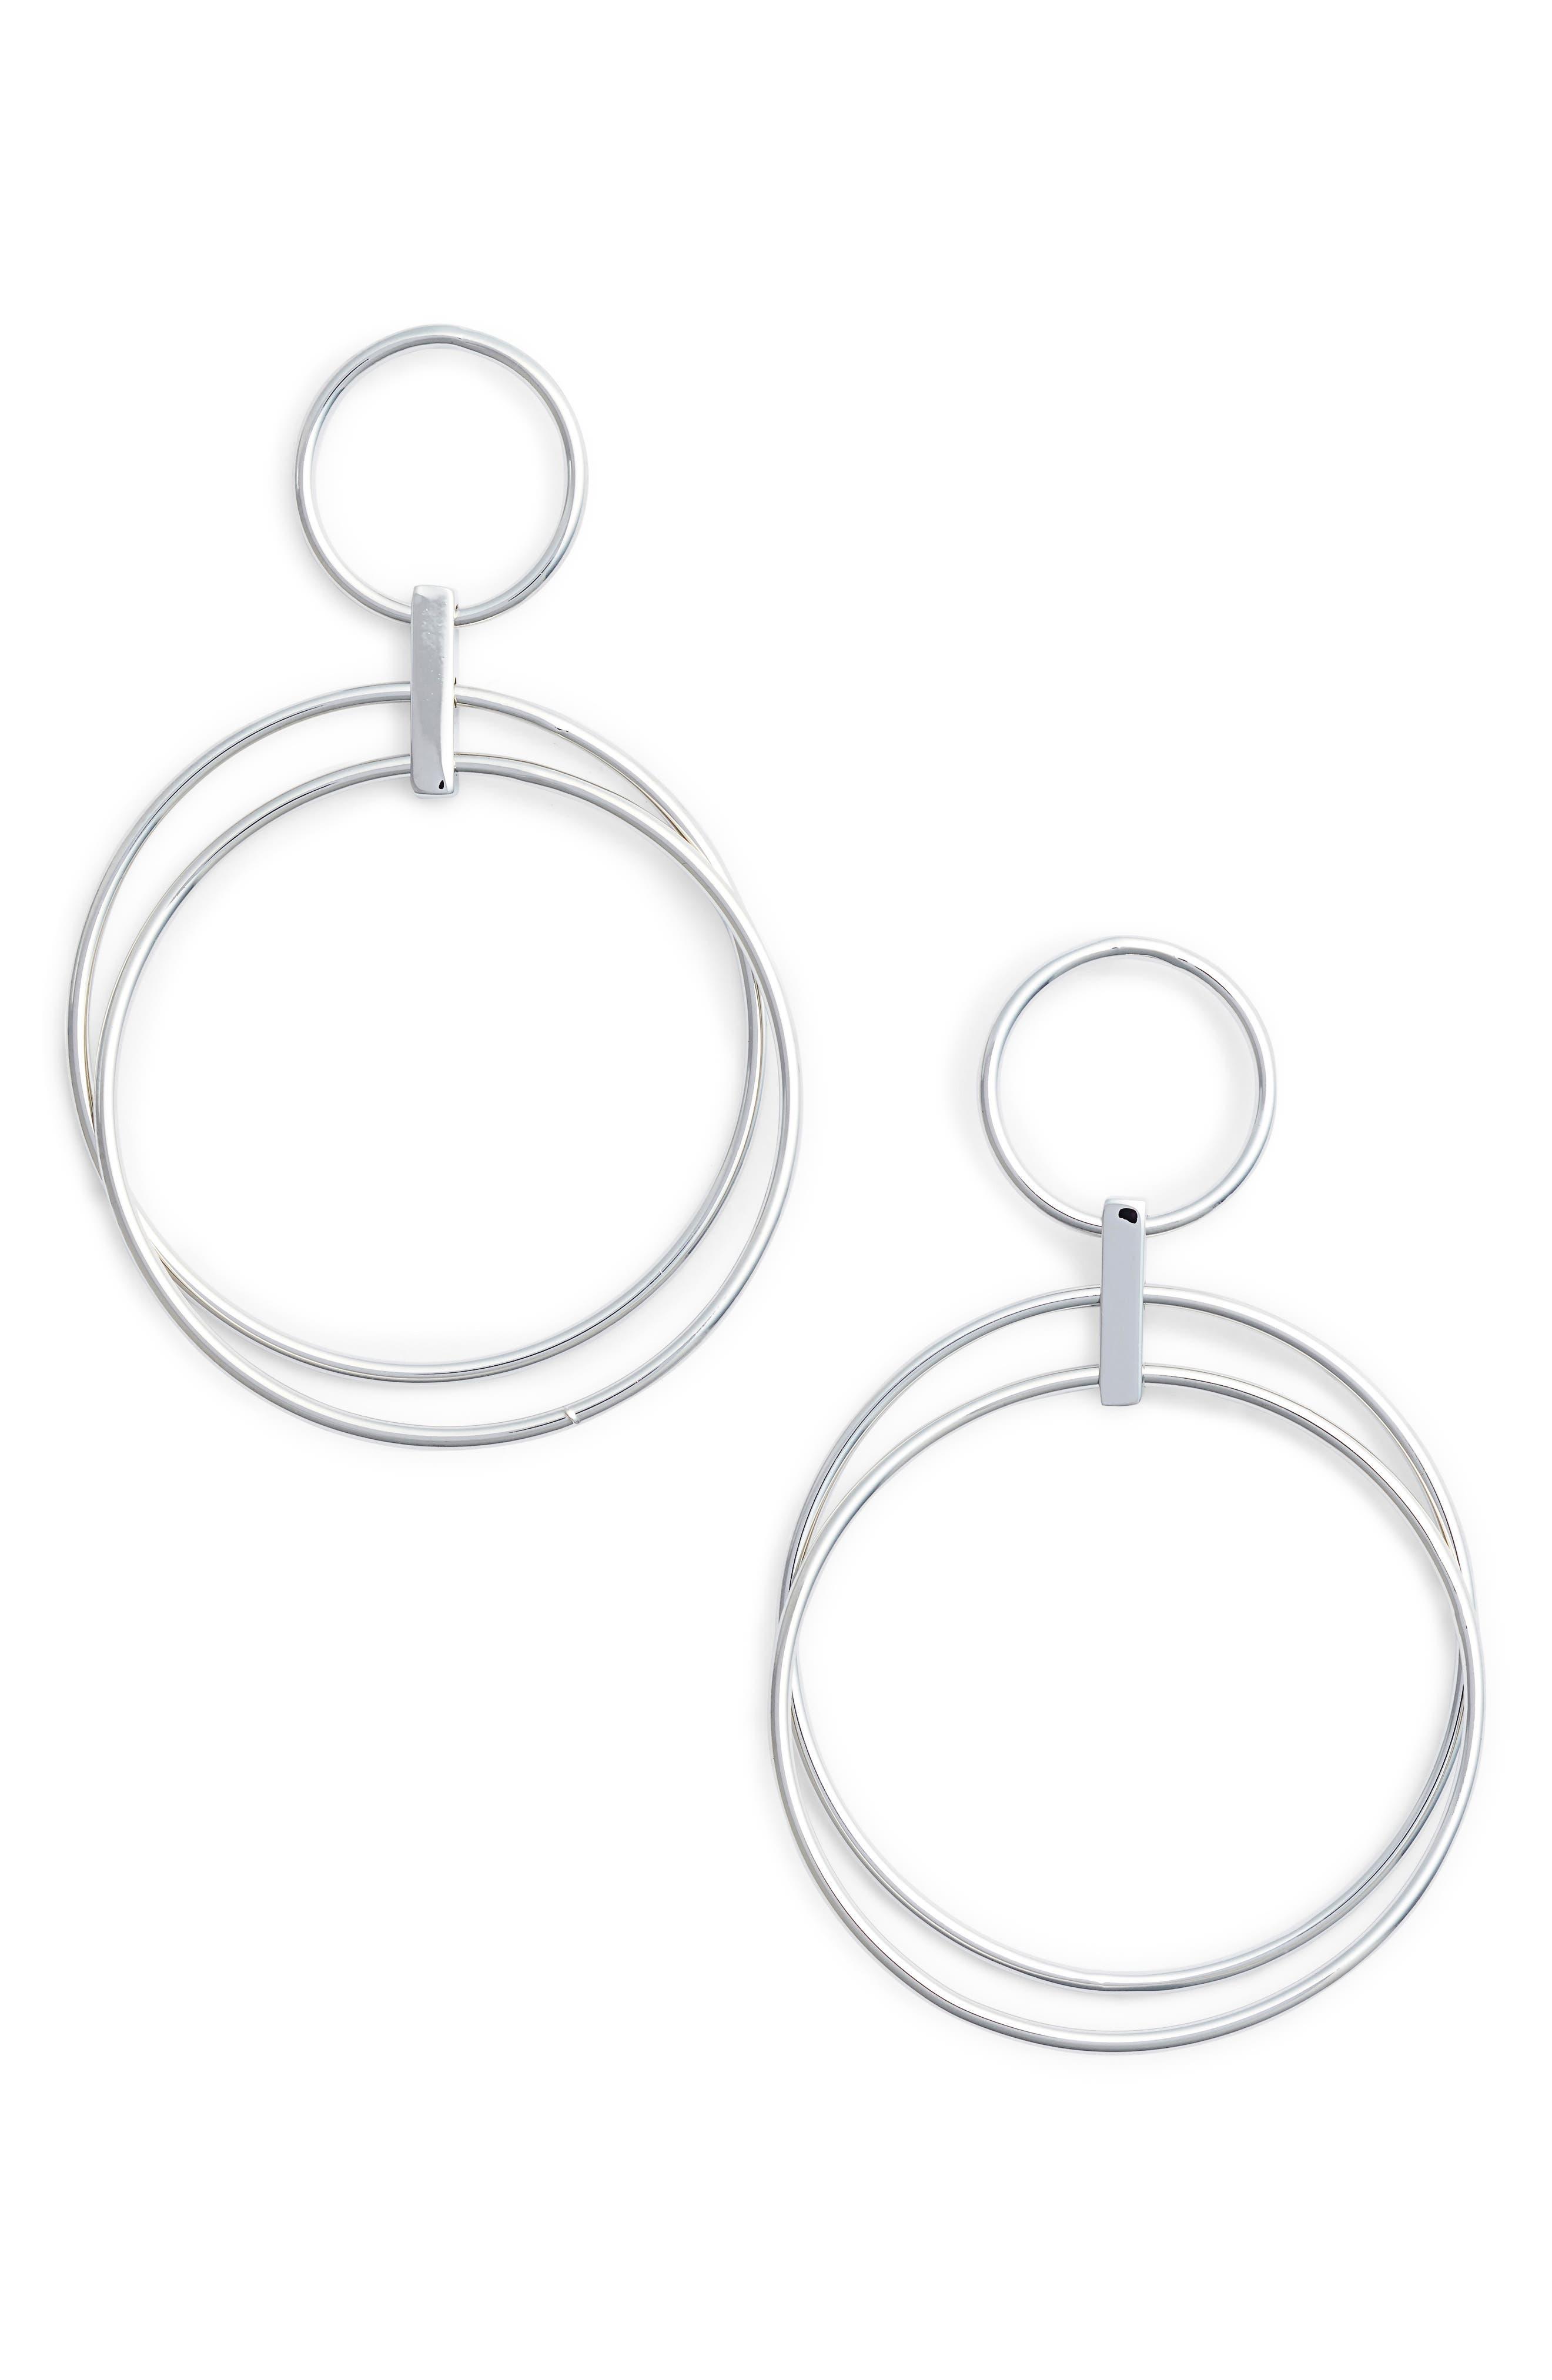 Multi Ring Hoop Earrings,                         Main,                         color, RHODIUM